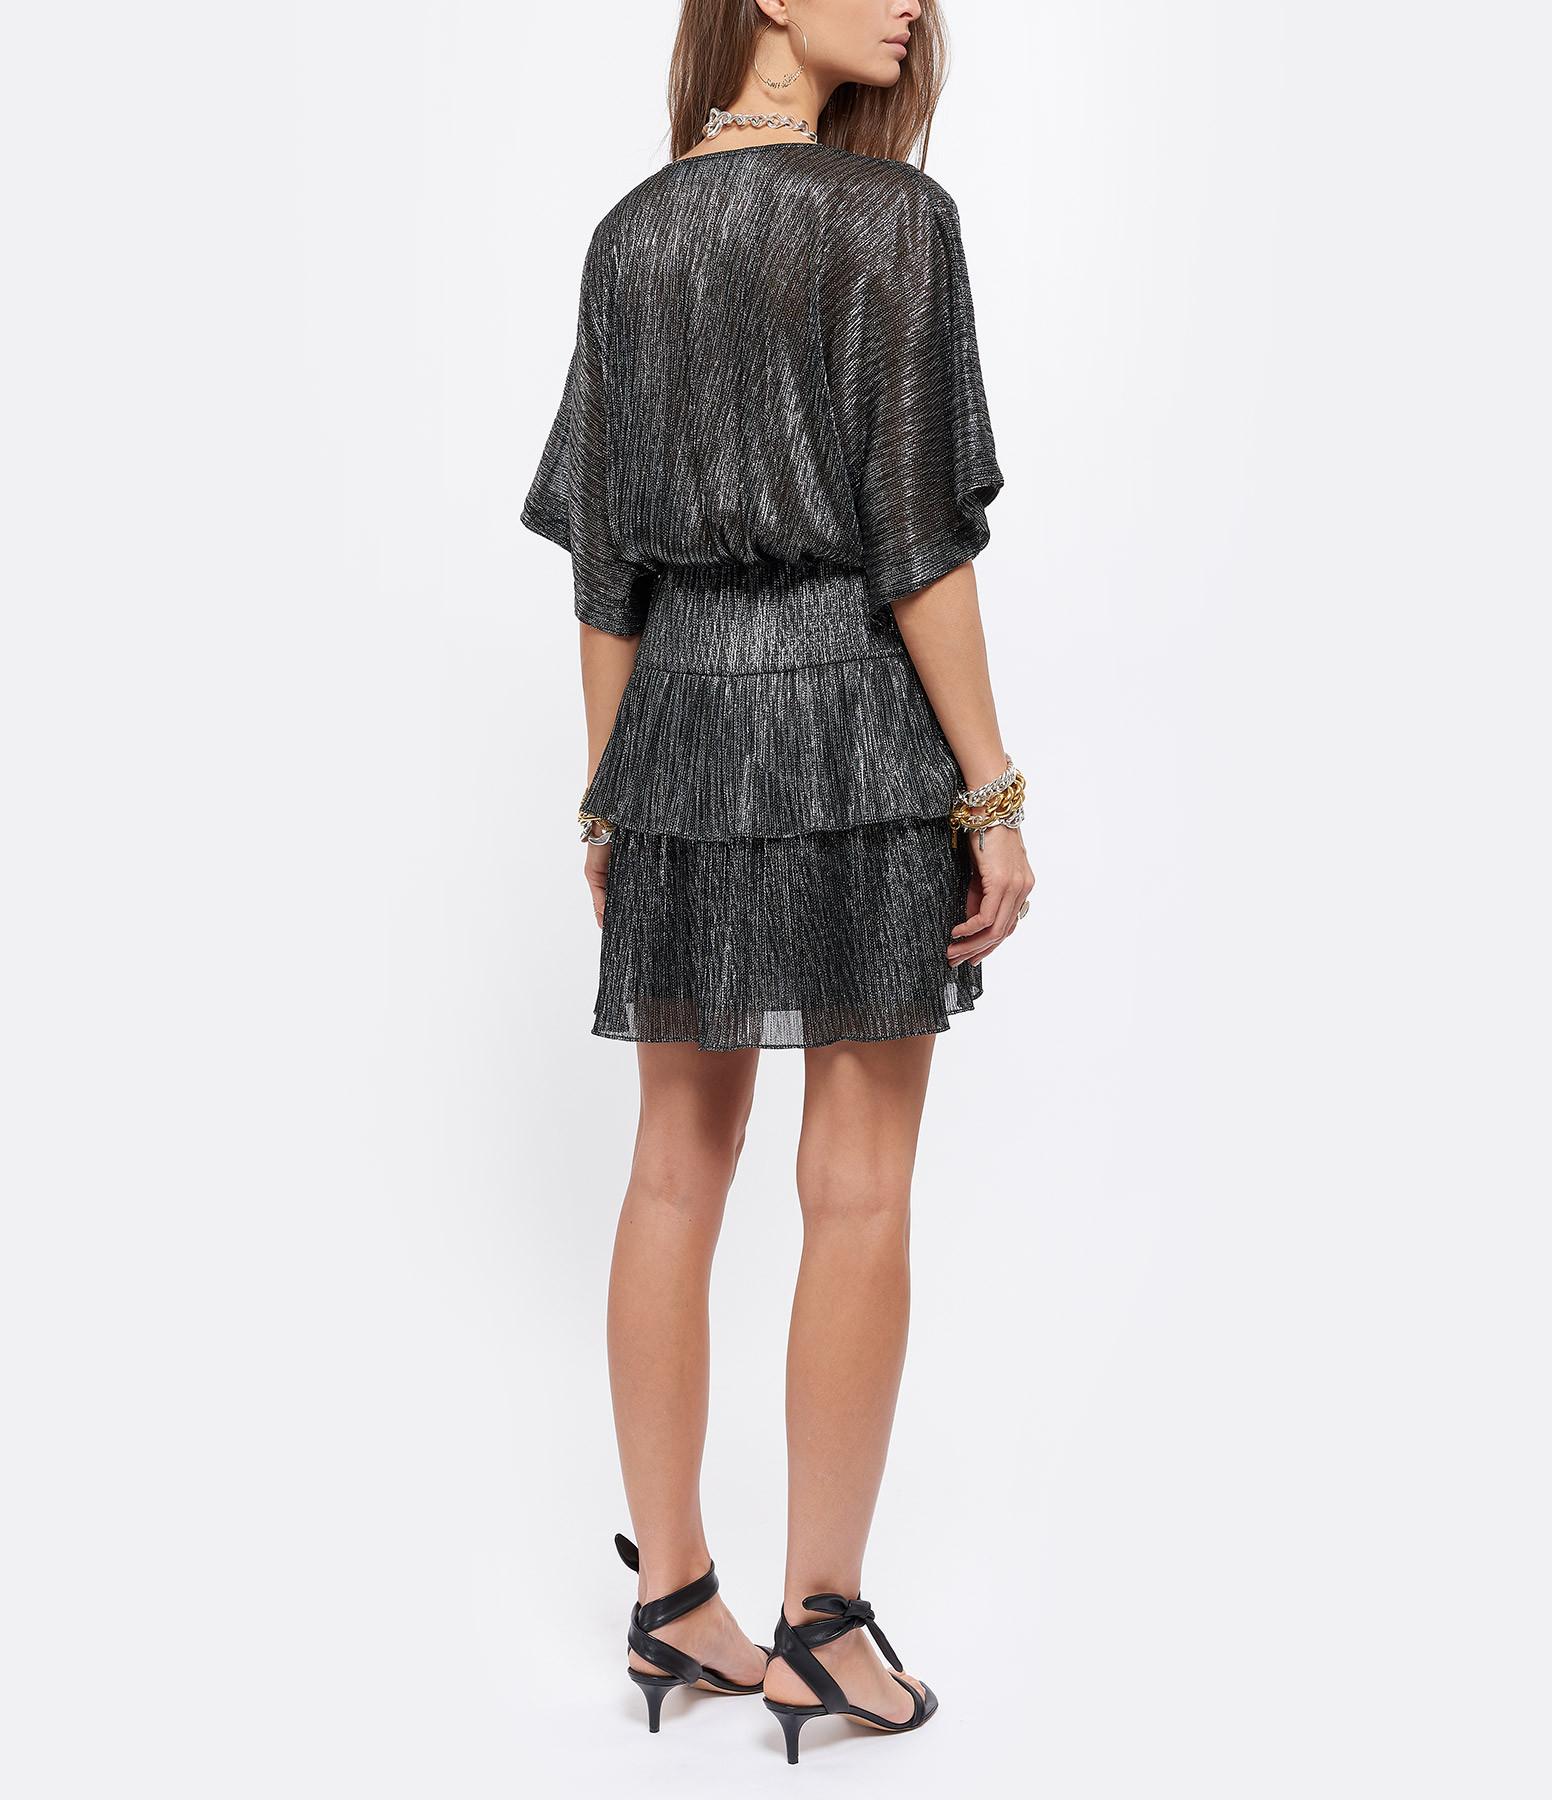 IRO - Robe Wide Noir Argenté, Exclusivité Lulli